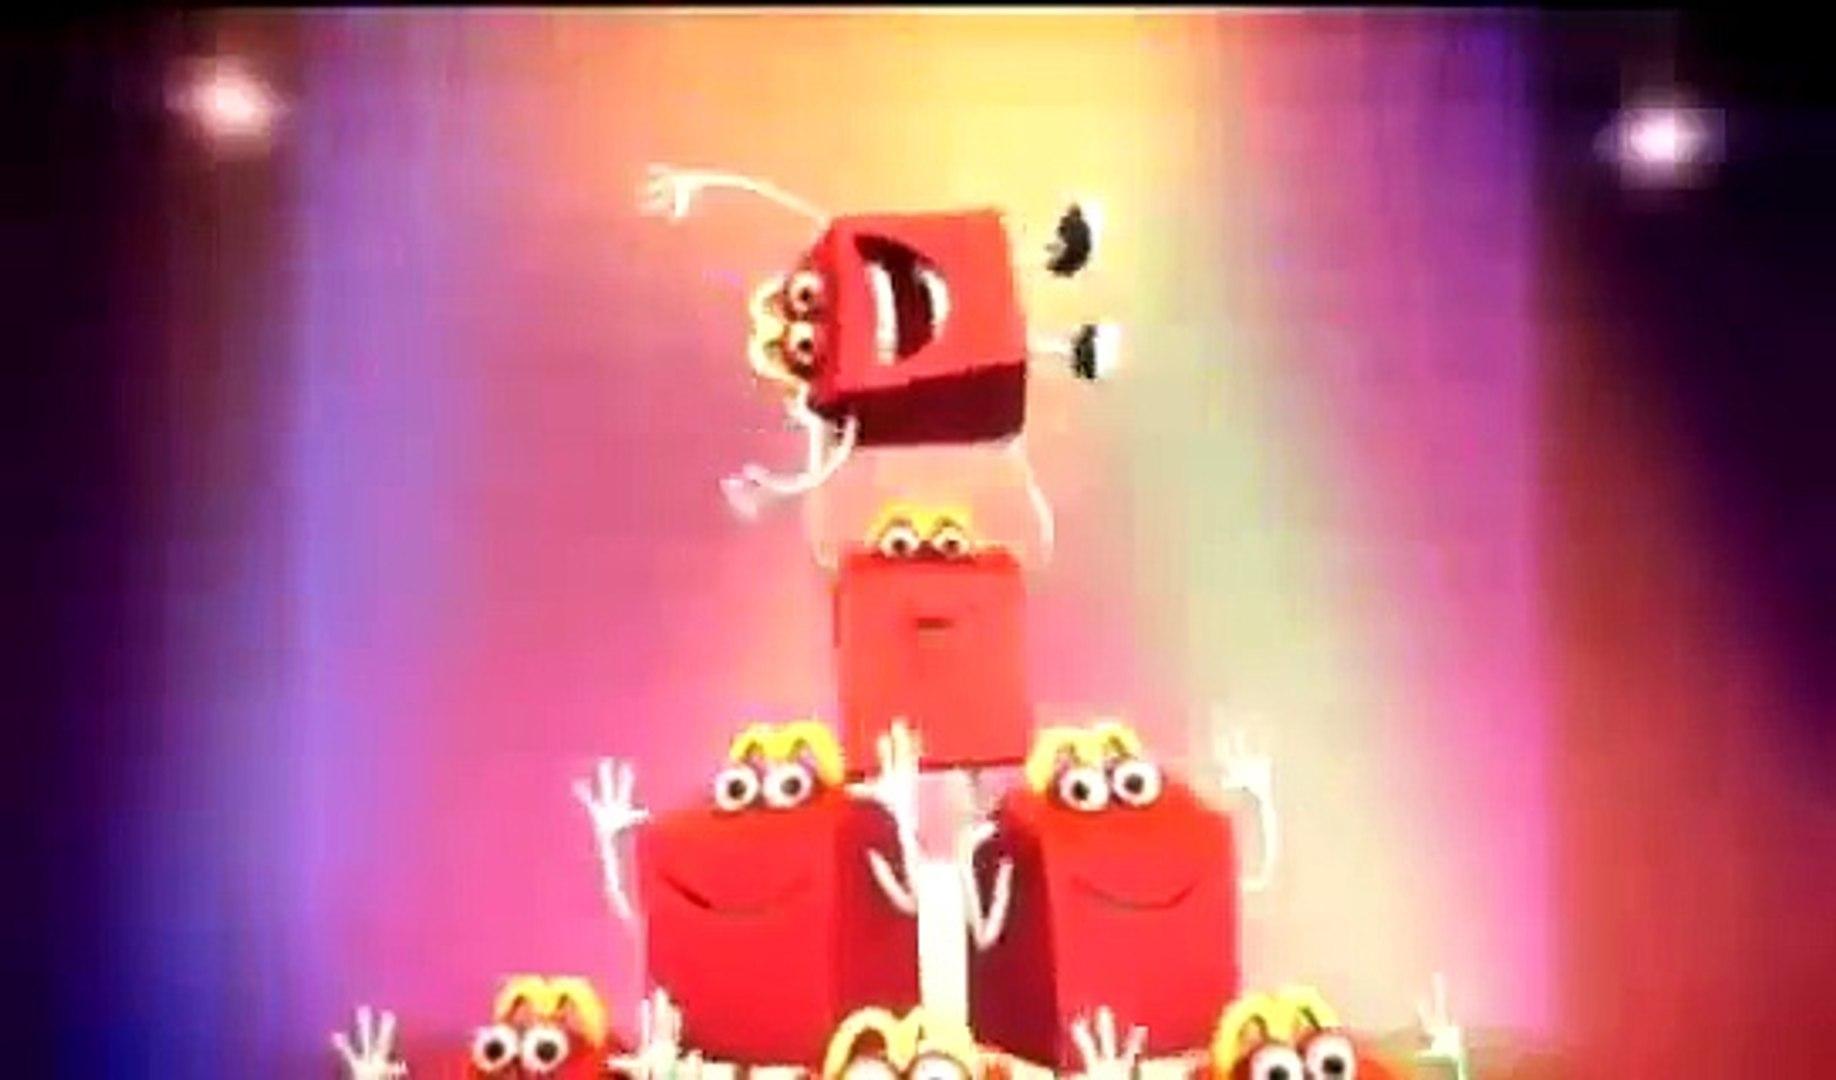 Anuncio McDonald's Cajas Bailando Happy 2010 - Feliz 2010 / Dance Happy New Year 2010